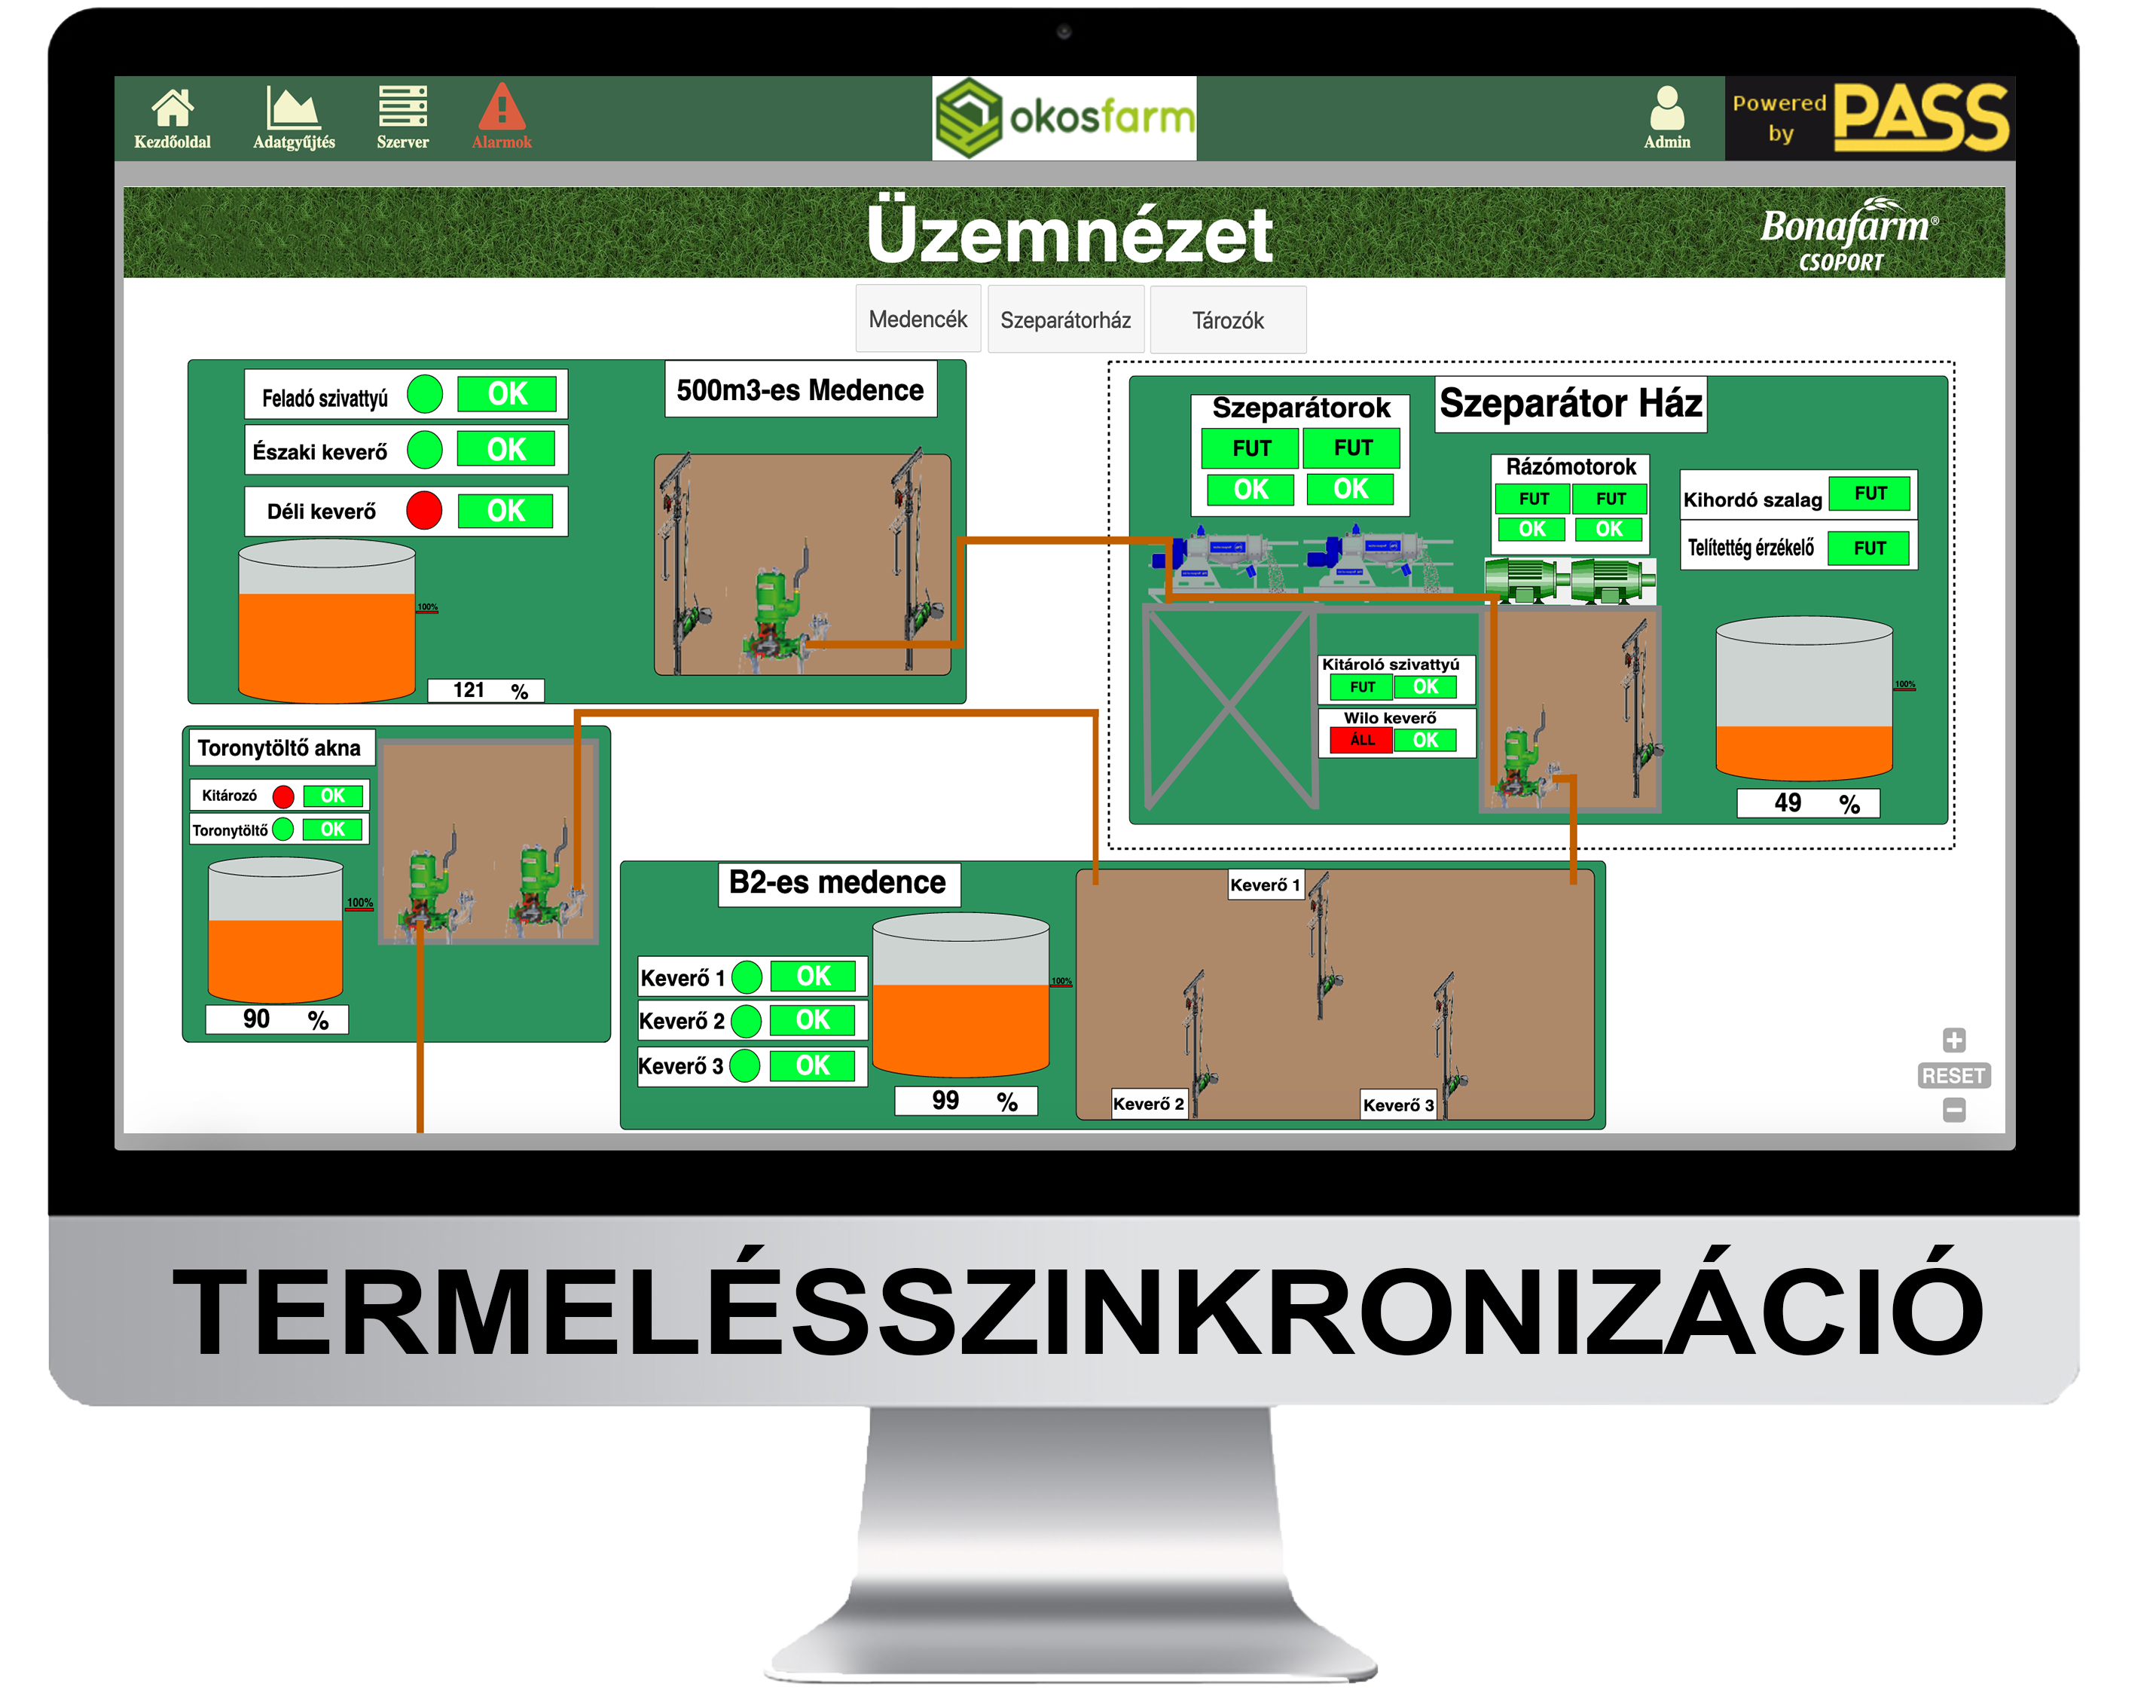 termelésszinkronizáció